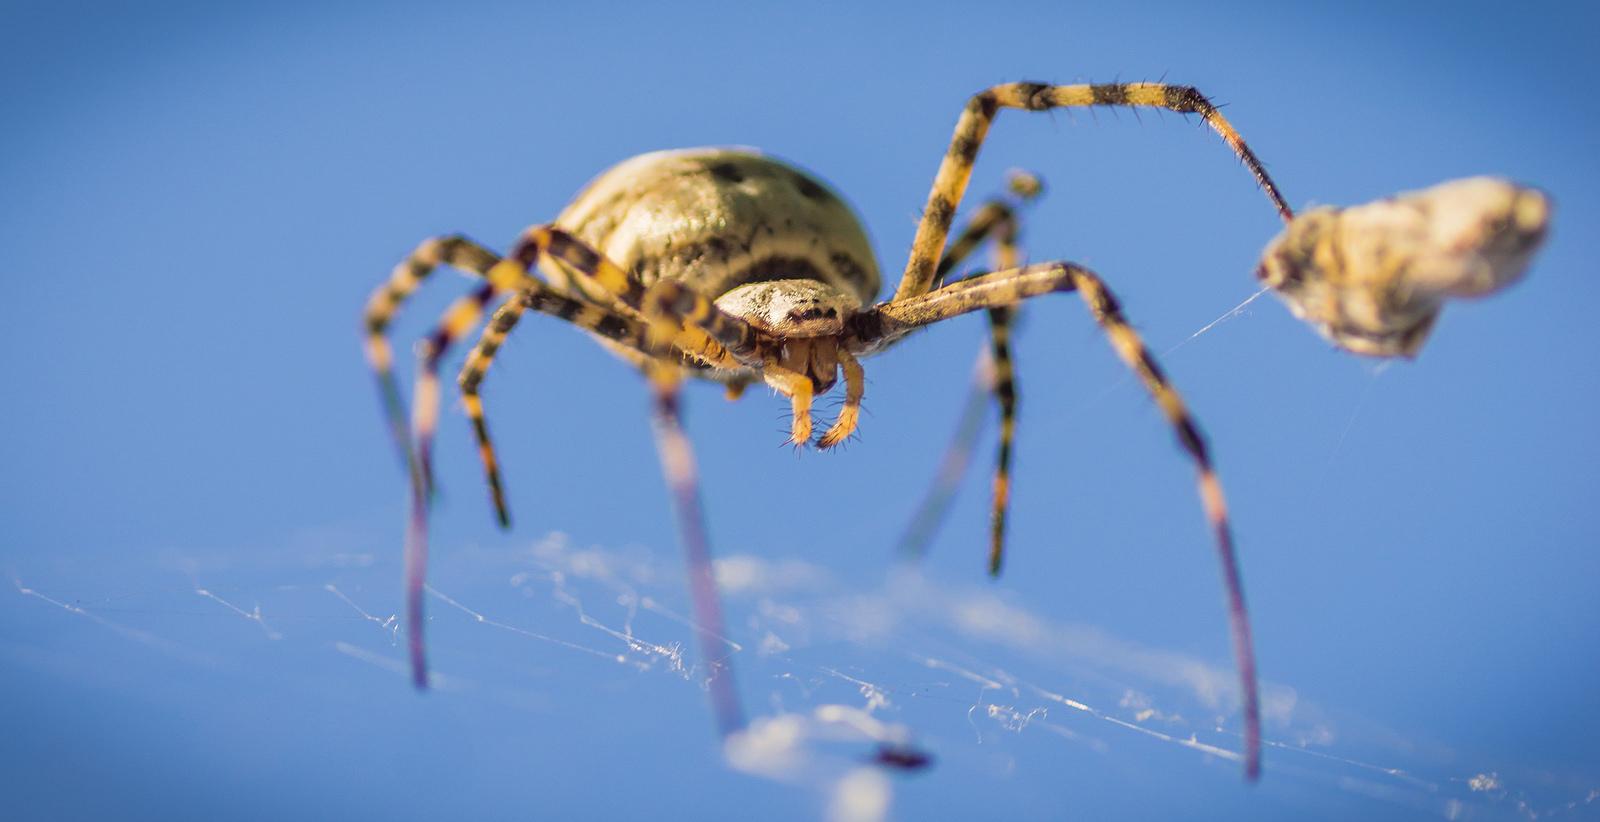 crawler-spider